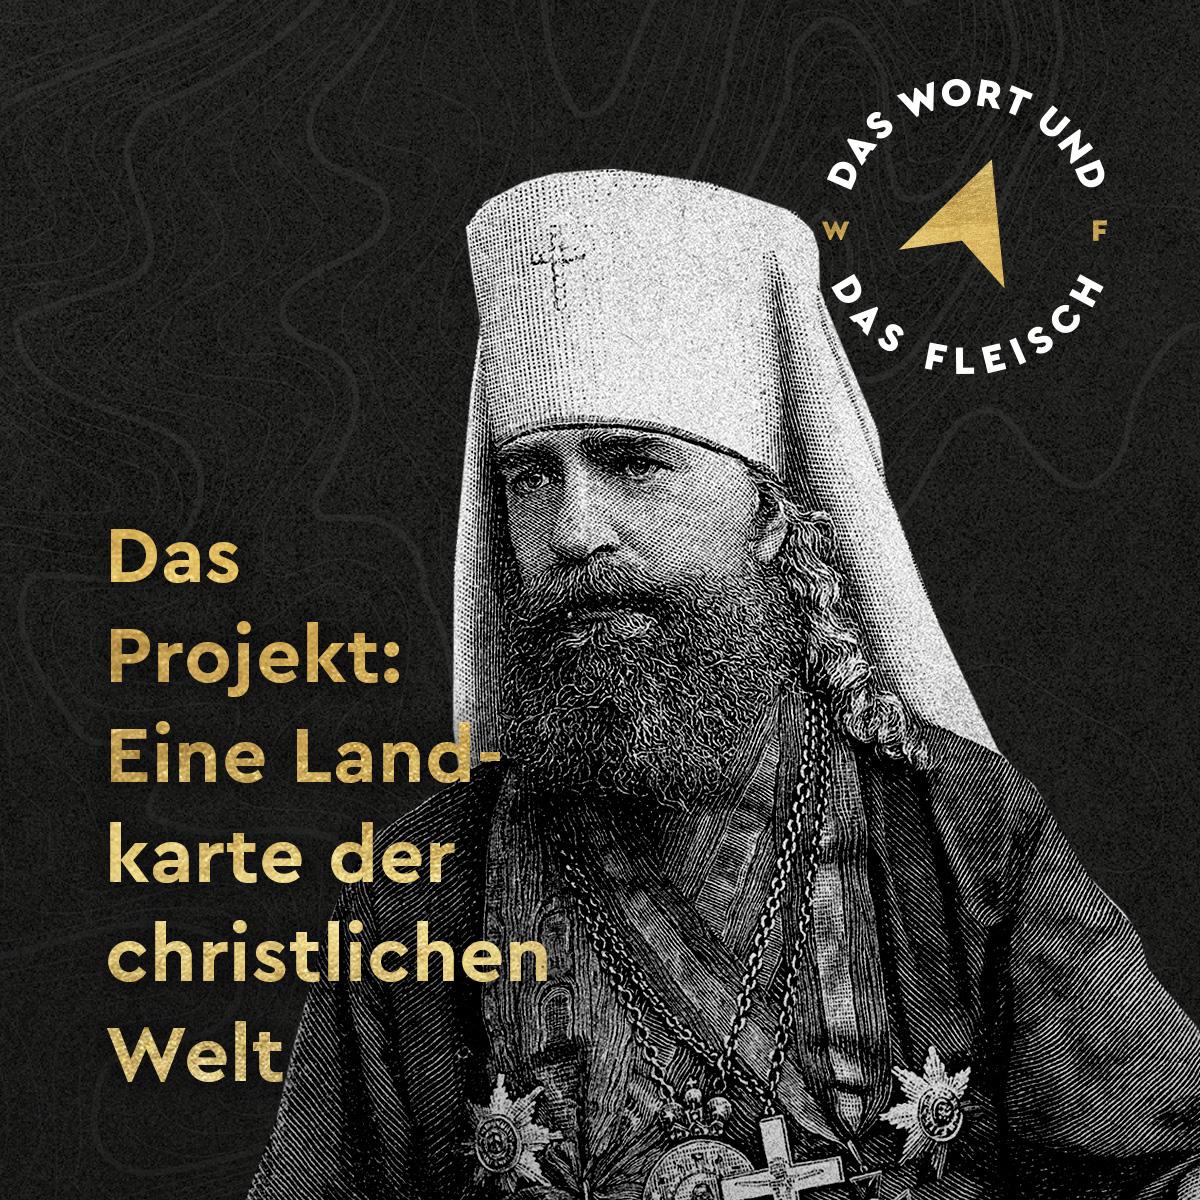 Das Projekt: Eine Landkarte der christlichen Welt